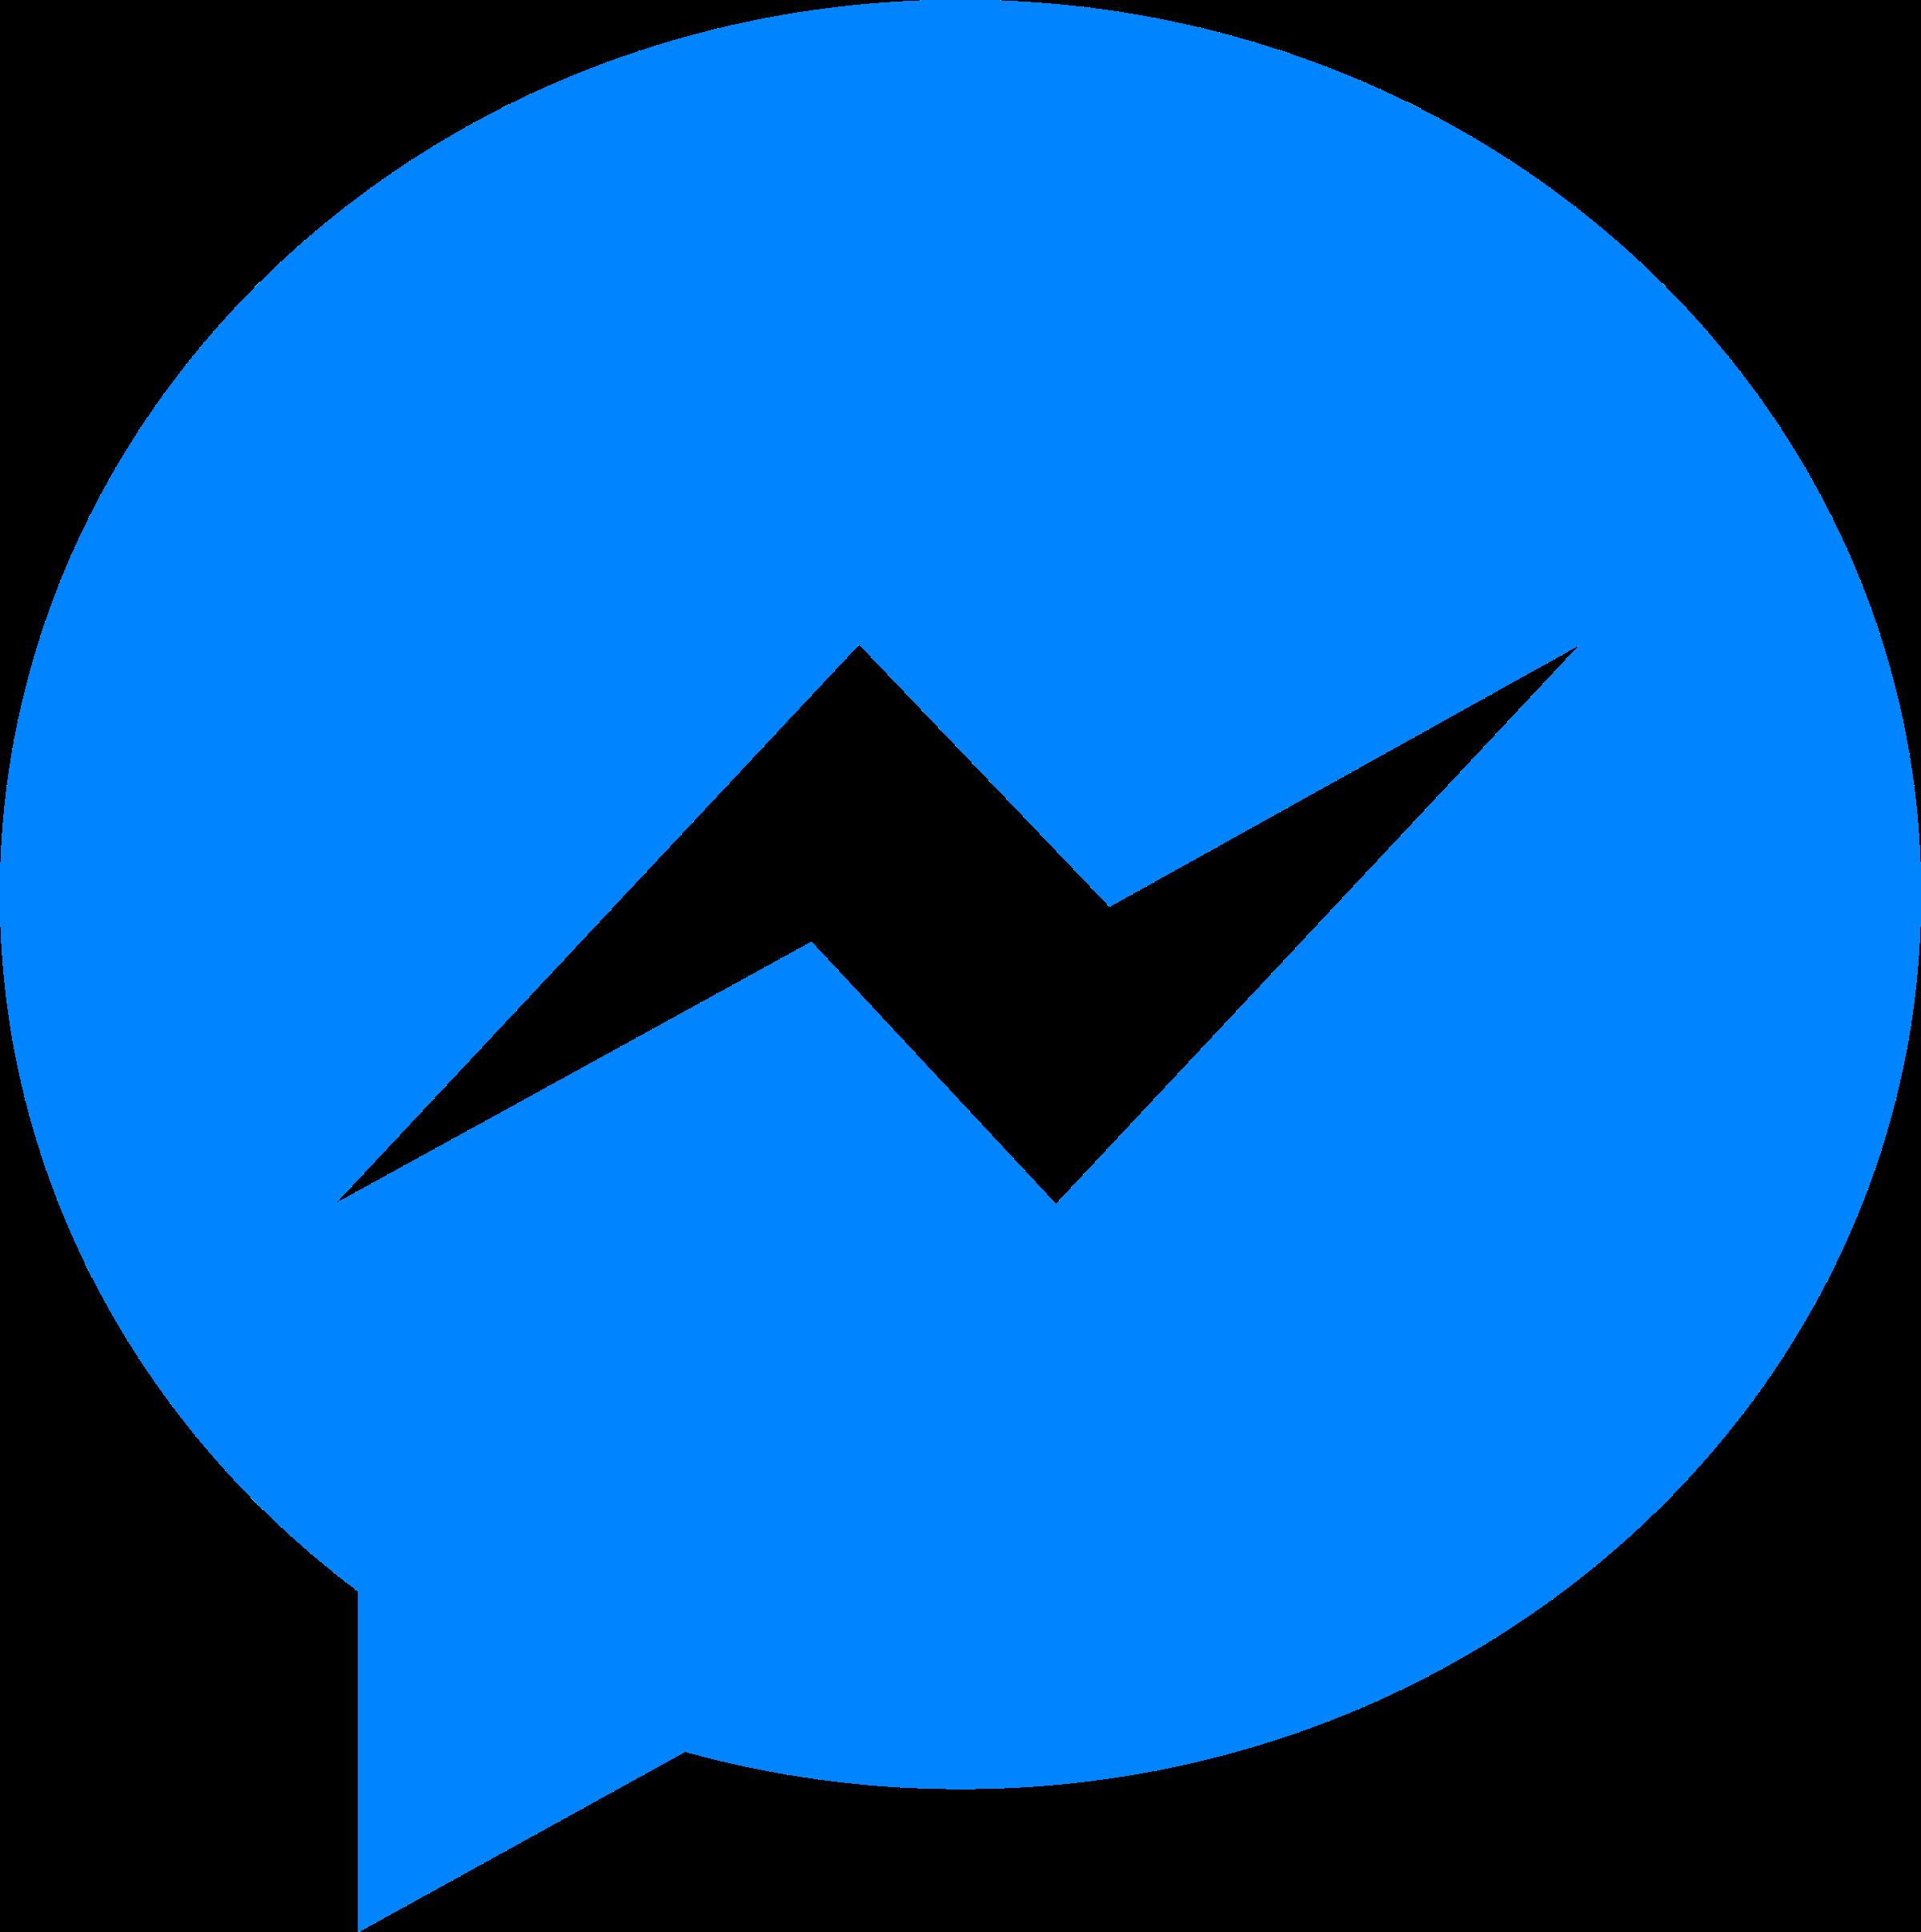 facebook messenger logo png transparent amp svg vector